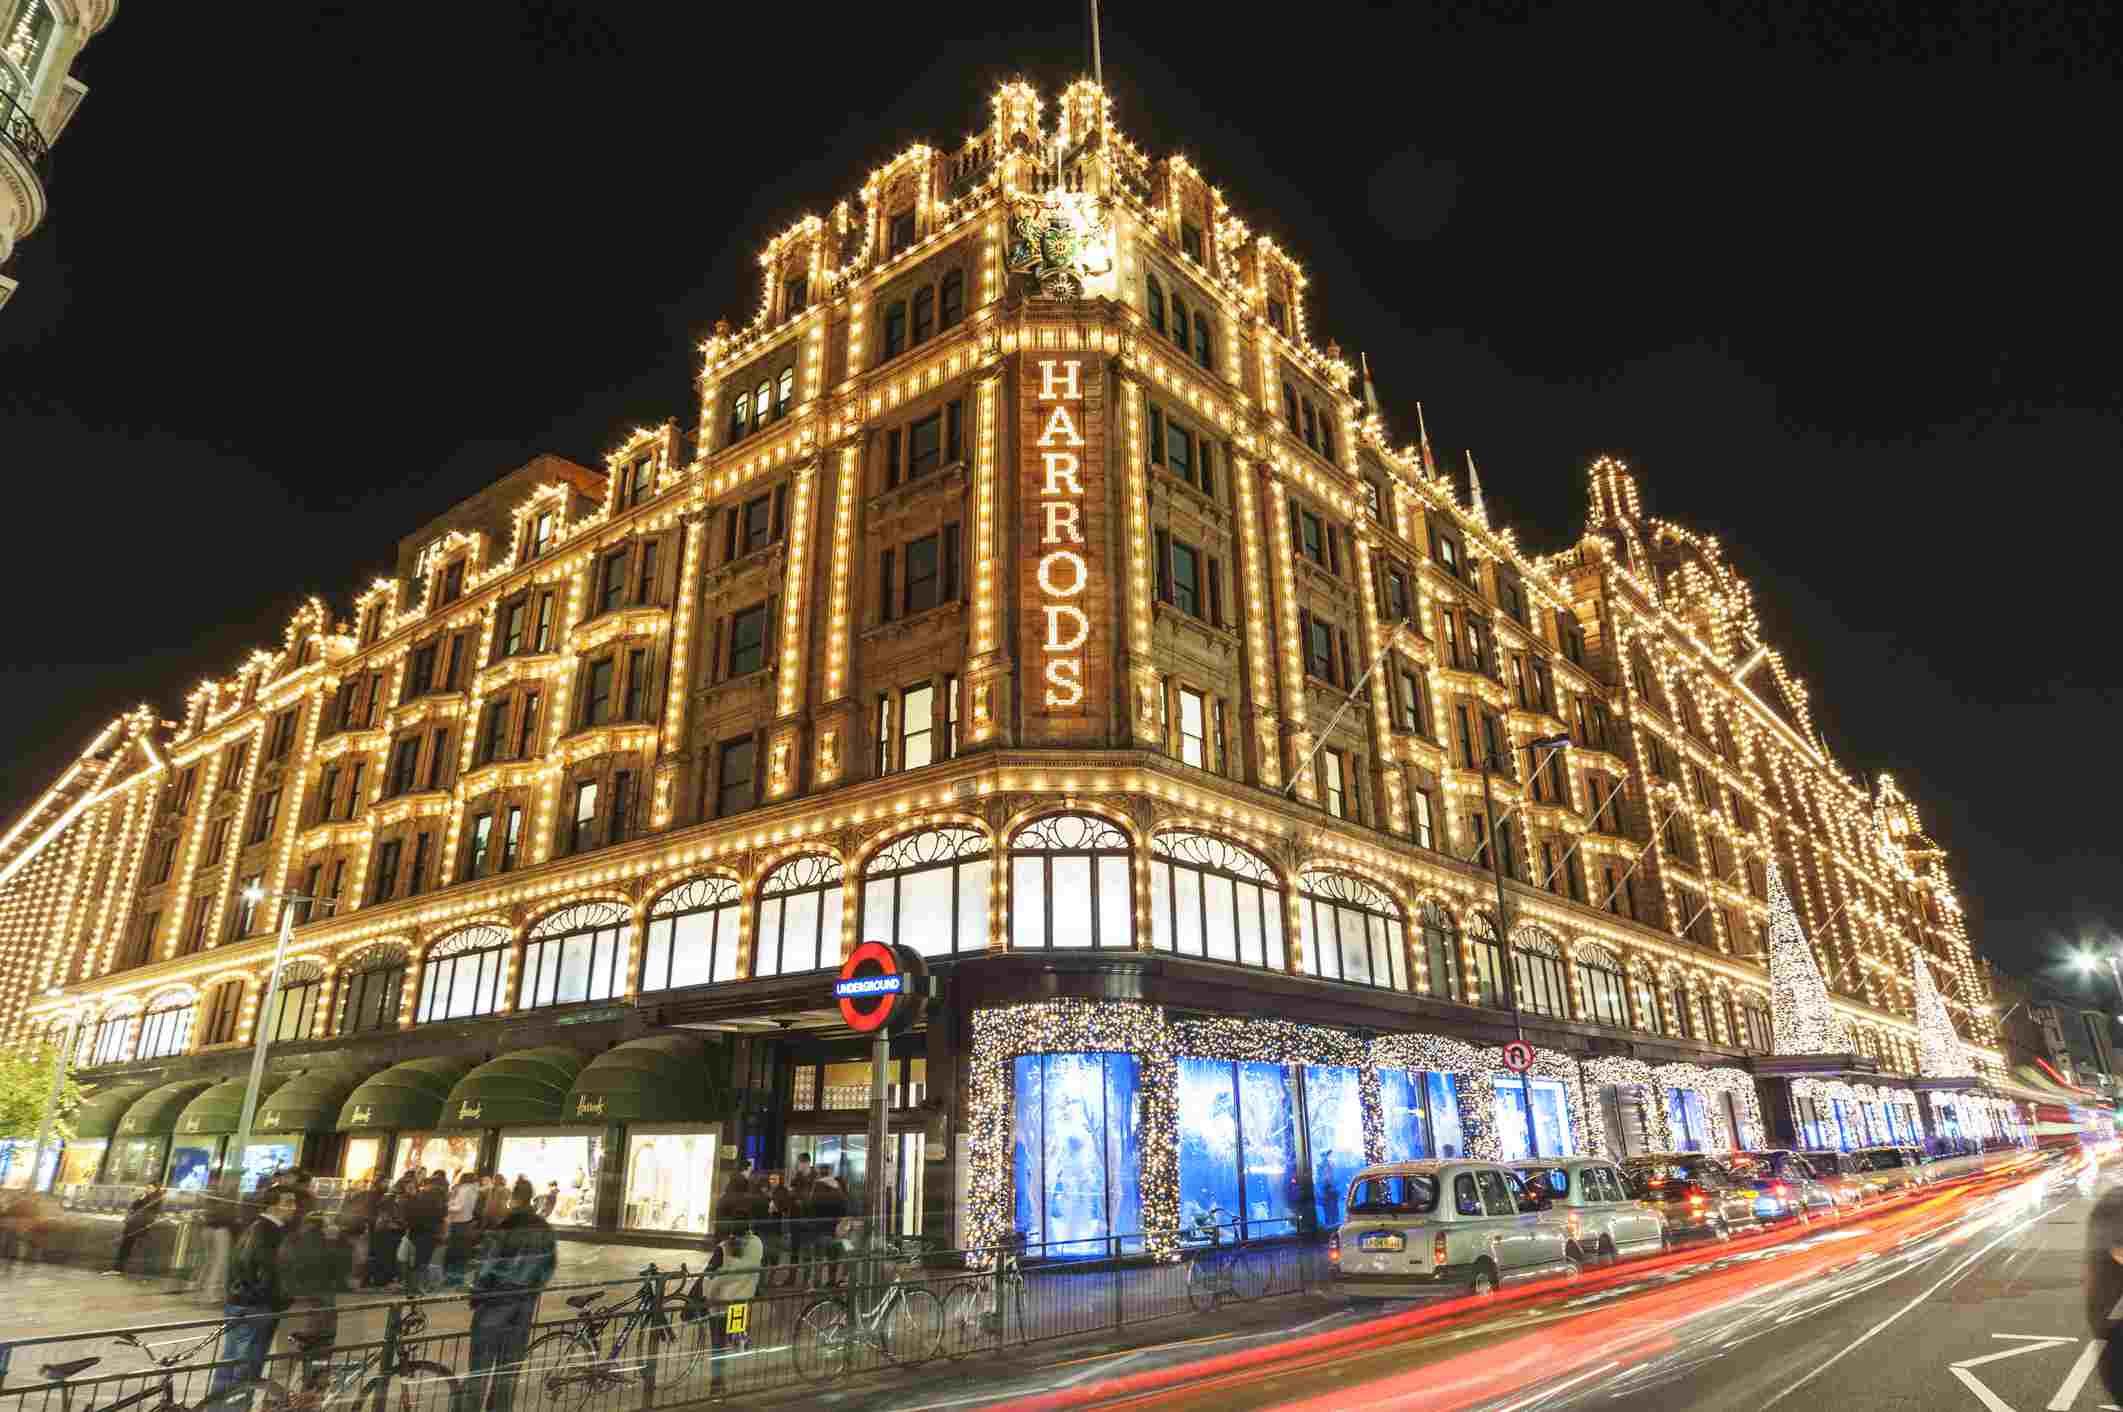 Harrods storefront in Knightsbridge, London